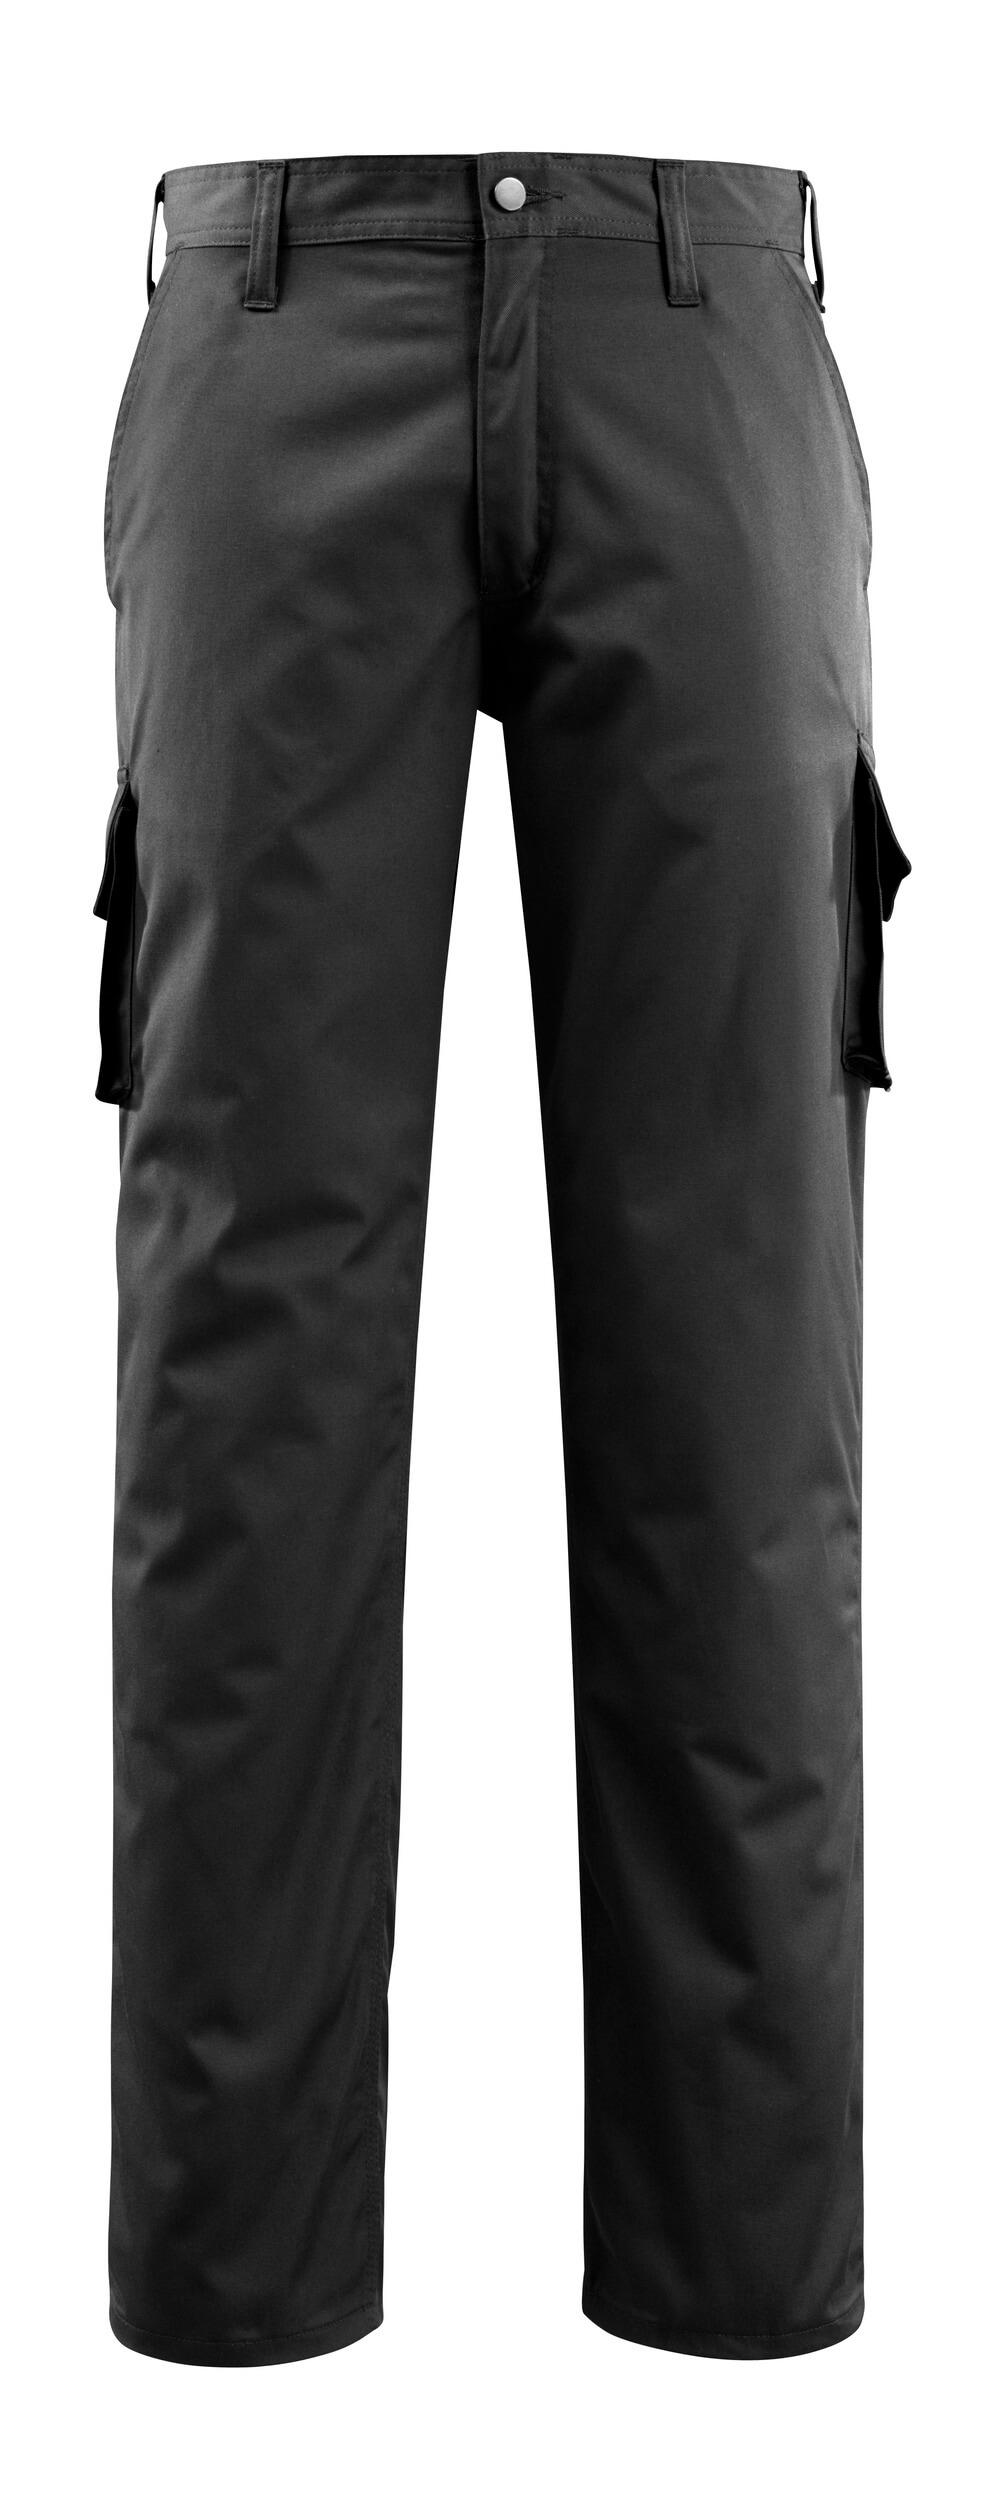 14779-850-09 Hose mit Schenkeltaschen - Schwarz